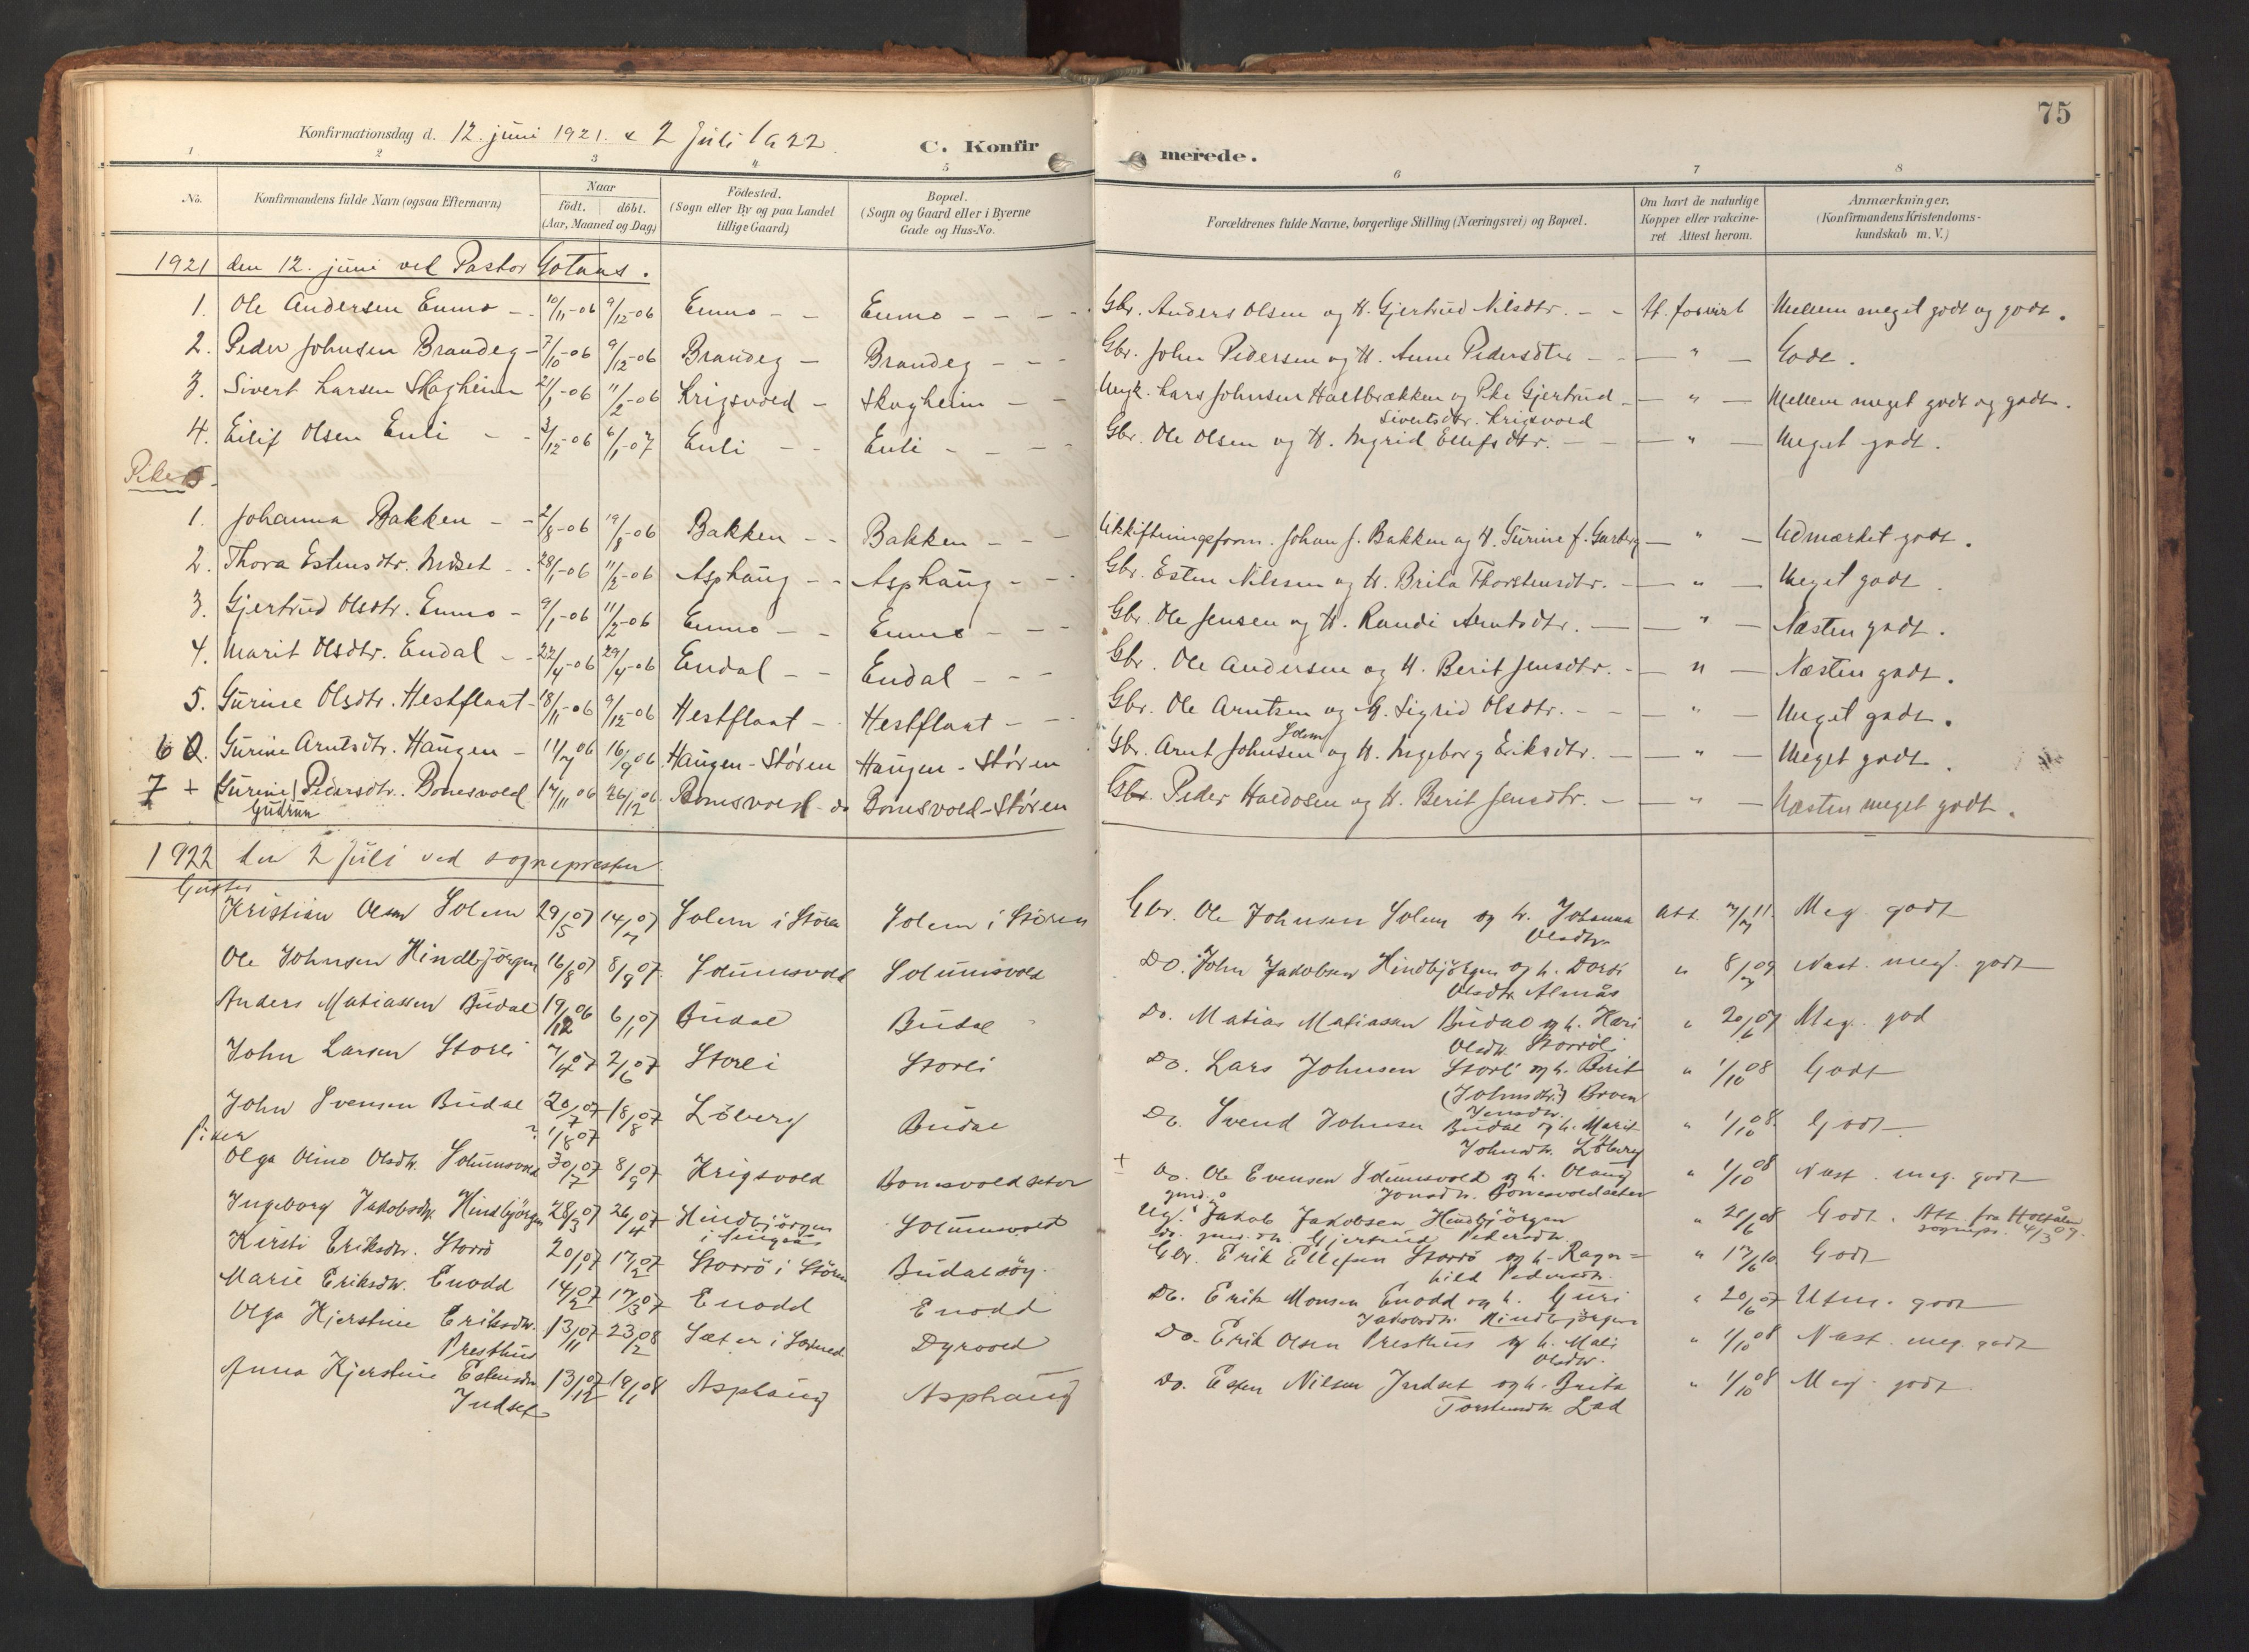 SAT, Ministerialprotokoller, klokkerbøker og fødselsregistre - Sør-Trøndelag, 690/L1050: Ministerialbok nr. 690A01, 1889-1929, s. 75